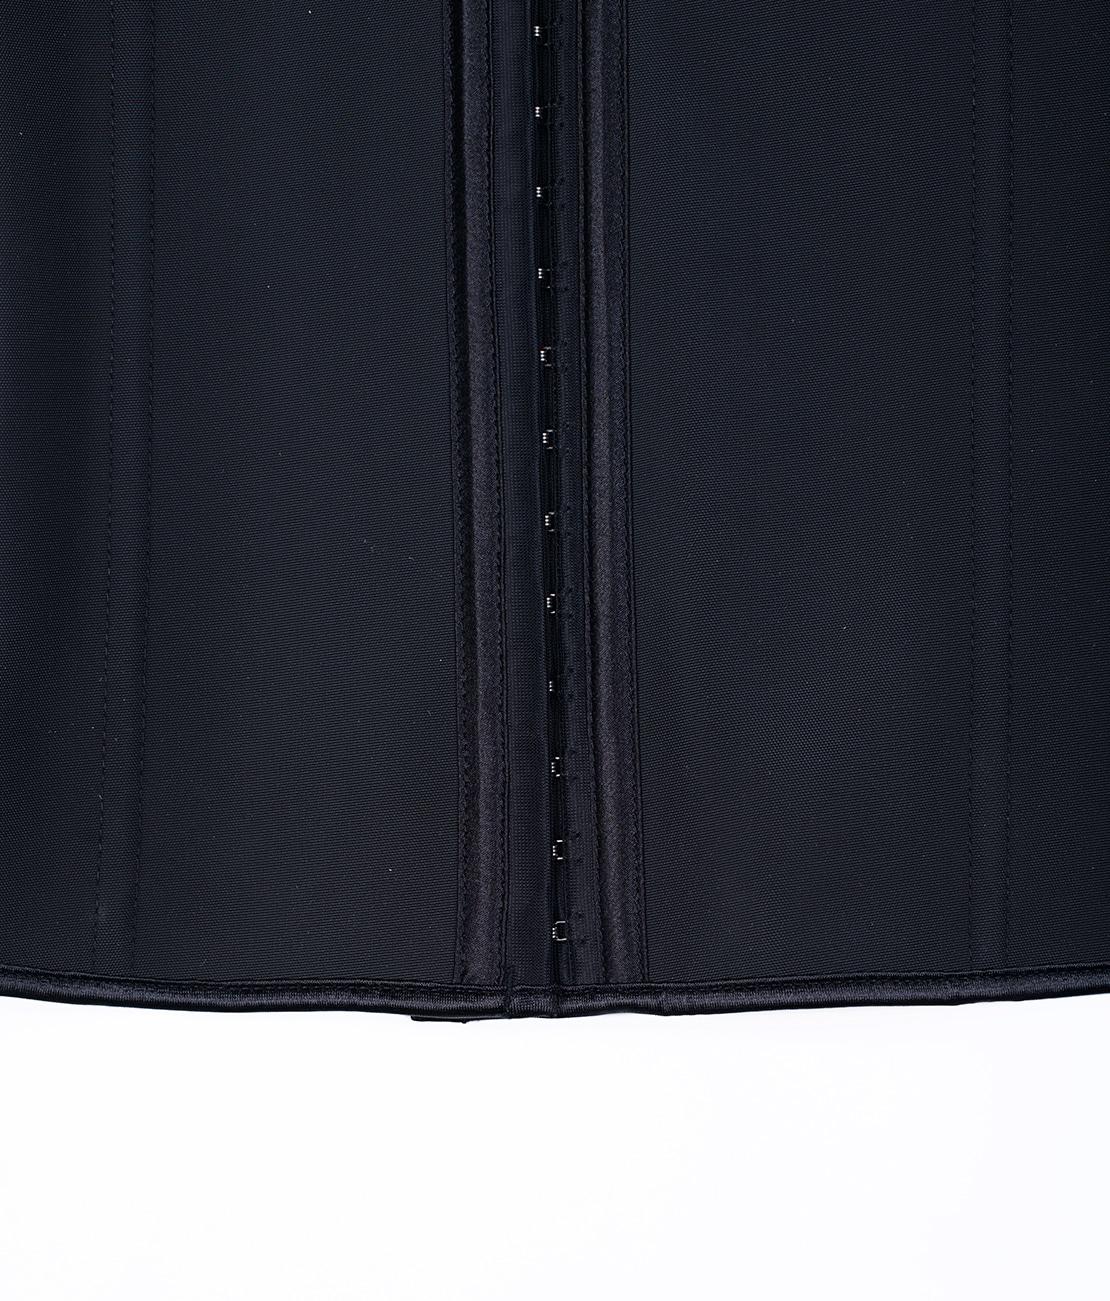 Gaine Amincissante Noire Packshot Detail 2